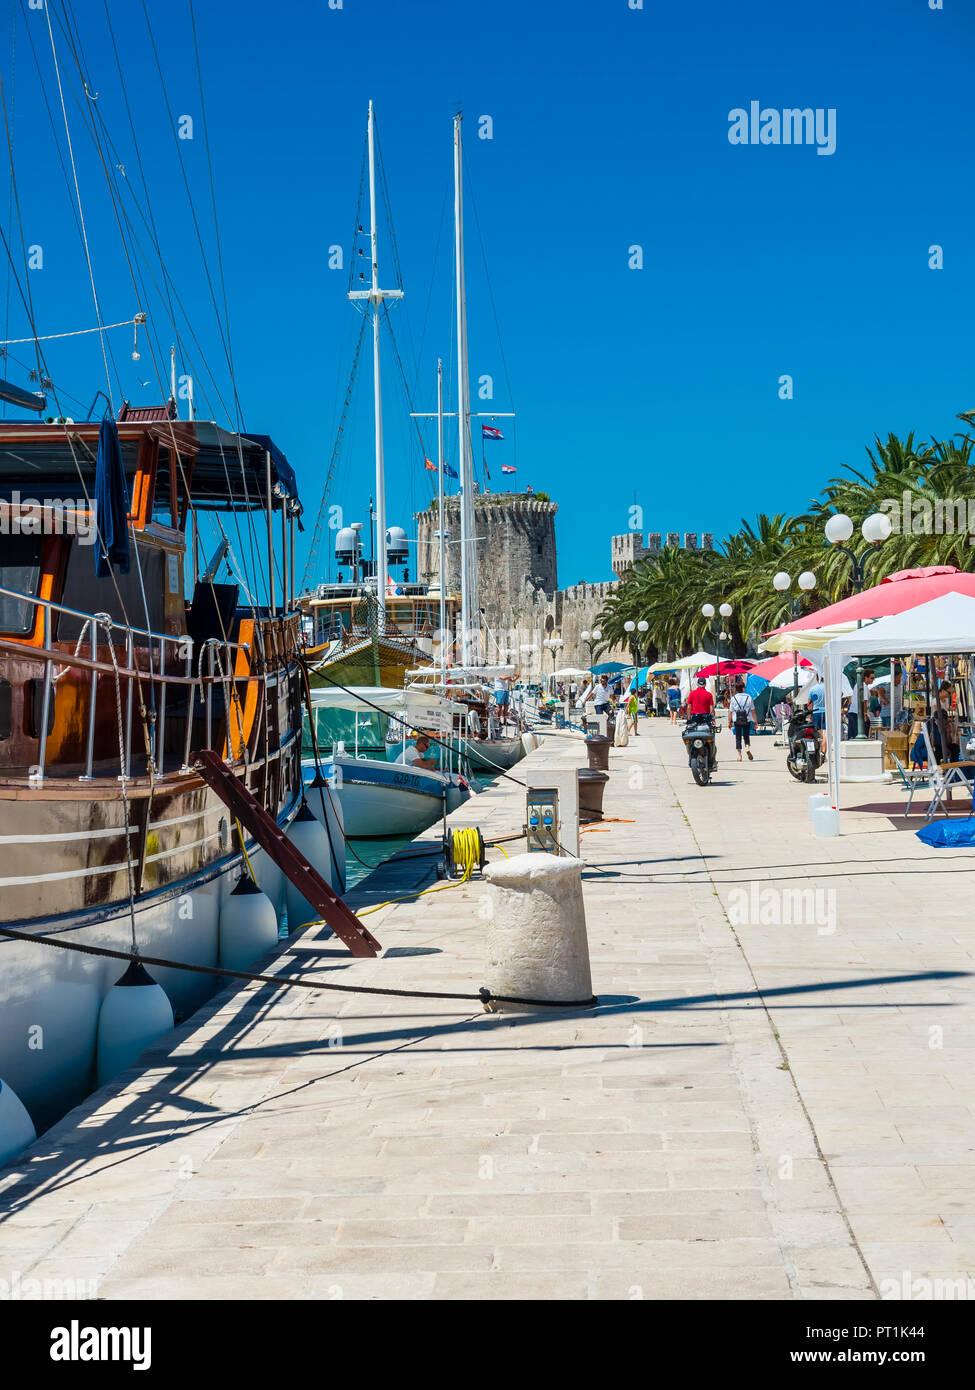 Kroatien, Adriaküste, Dalmatien, Region Split, Altstadt Trogir, UNESCO Weltkulturerbe,Riva Promenade - Stock Image